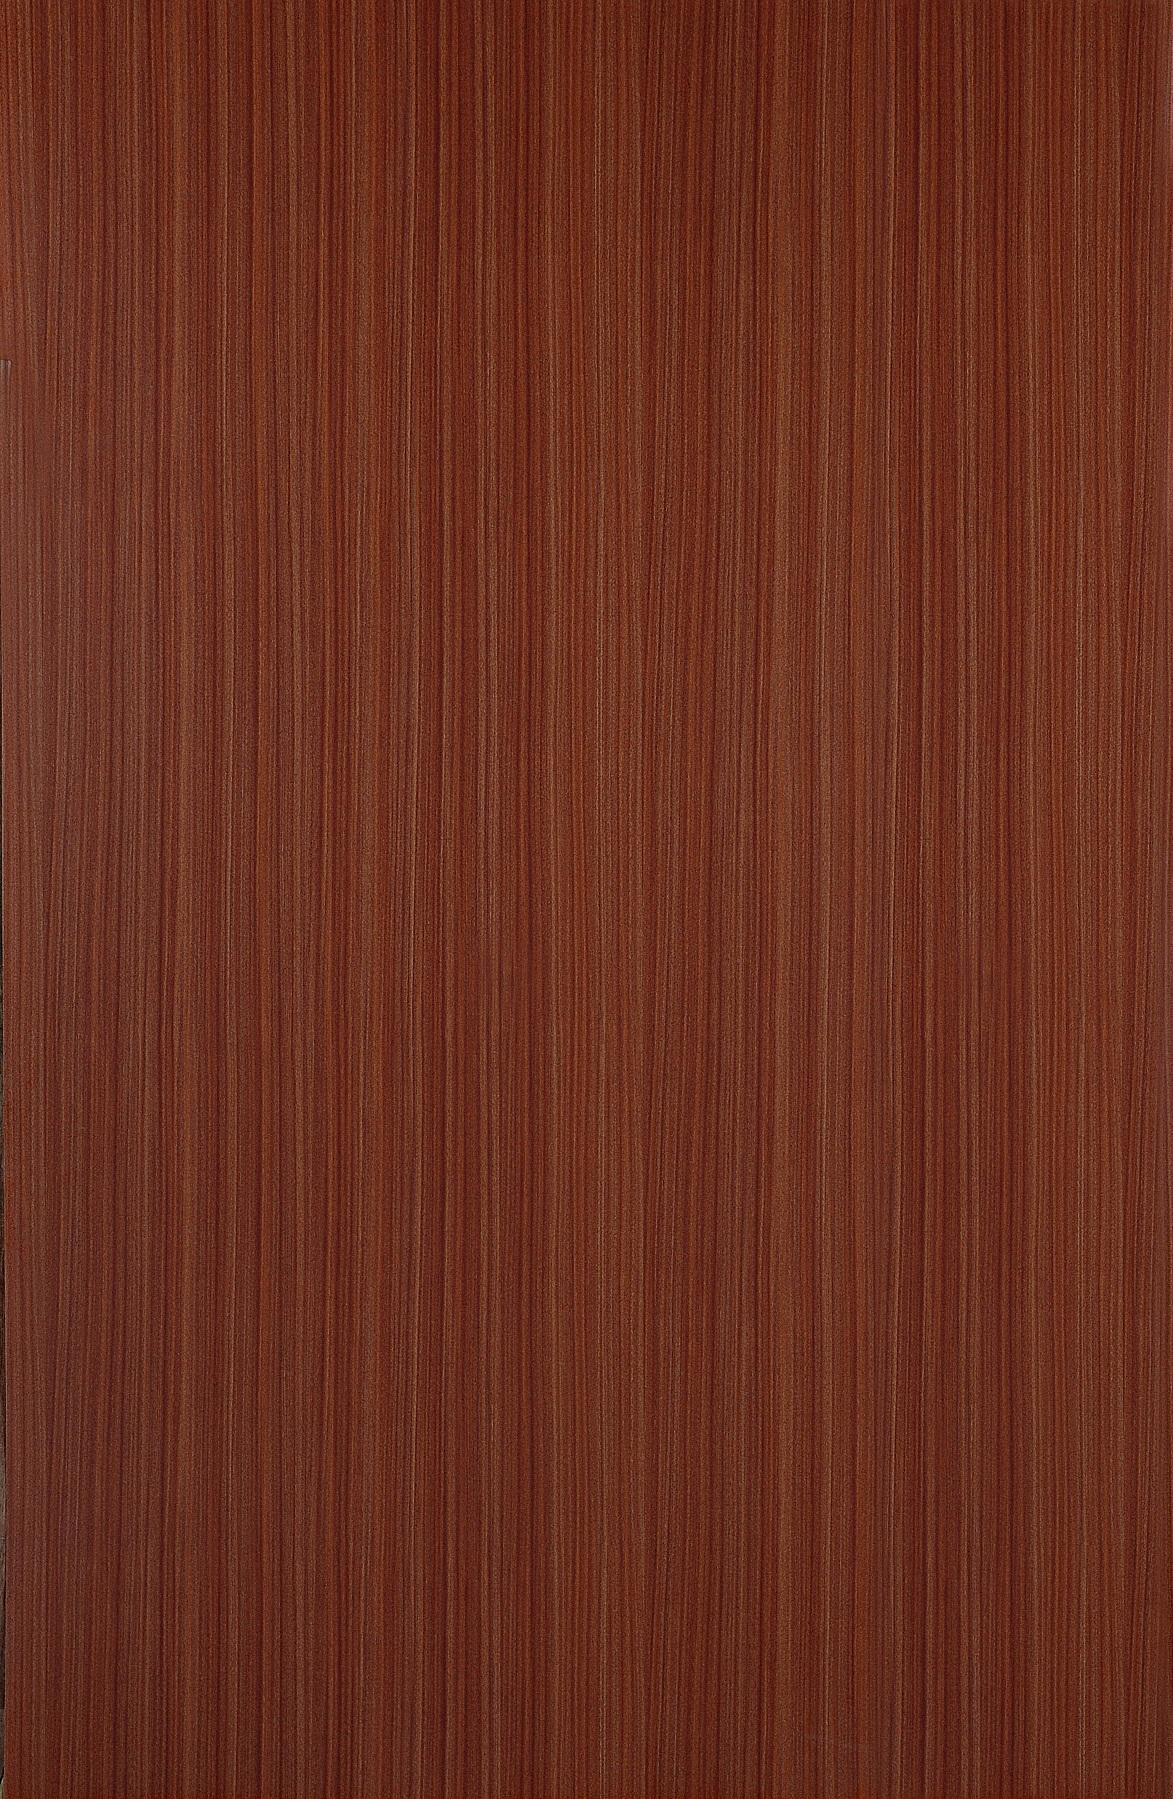 Best Decorative Laminates Company In India Aica Sunmica